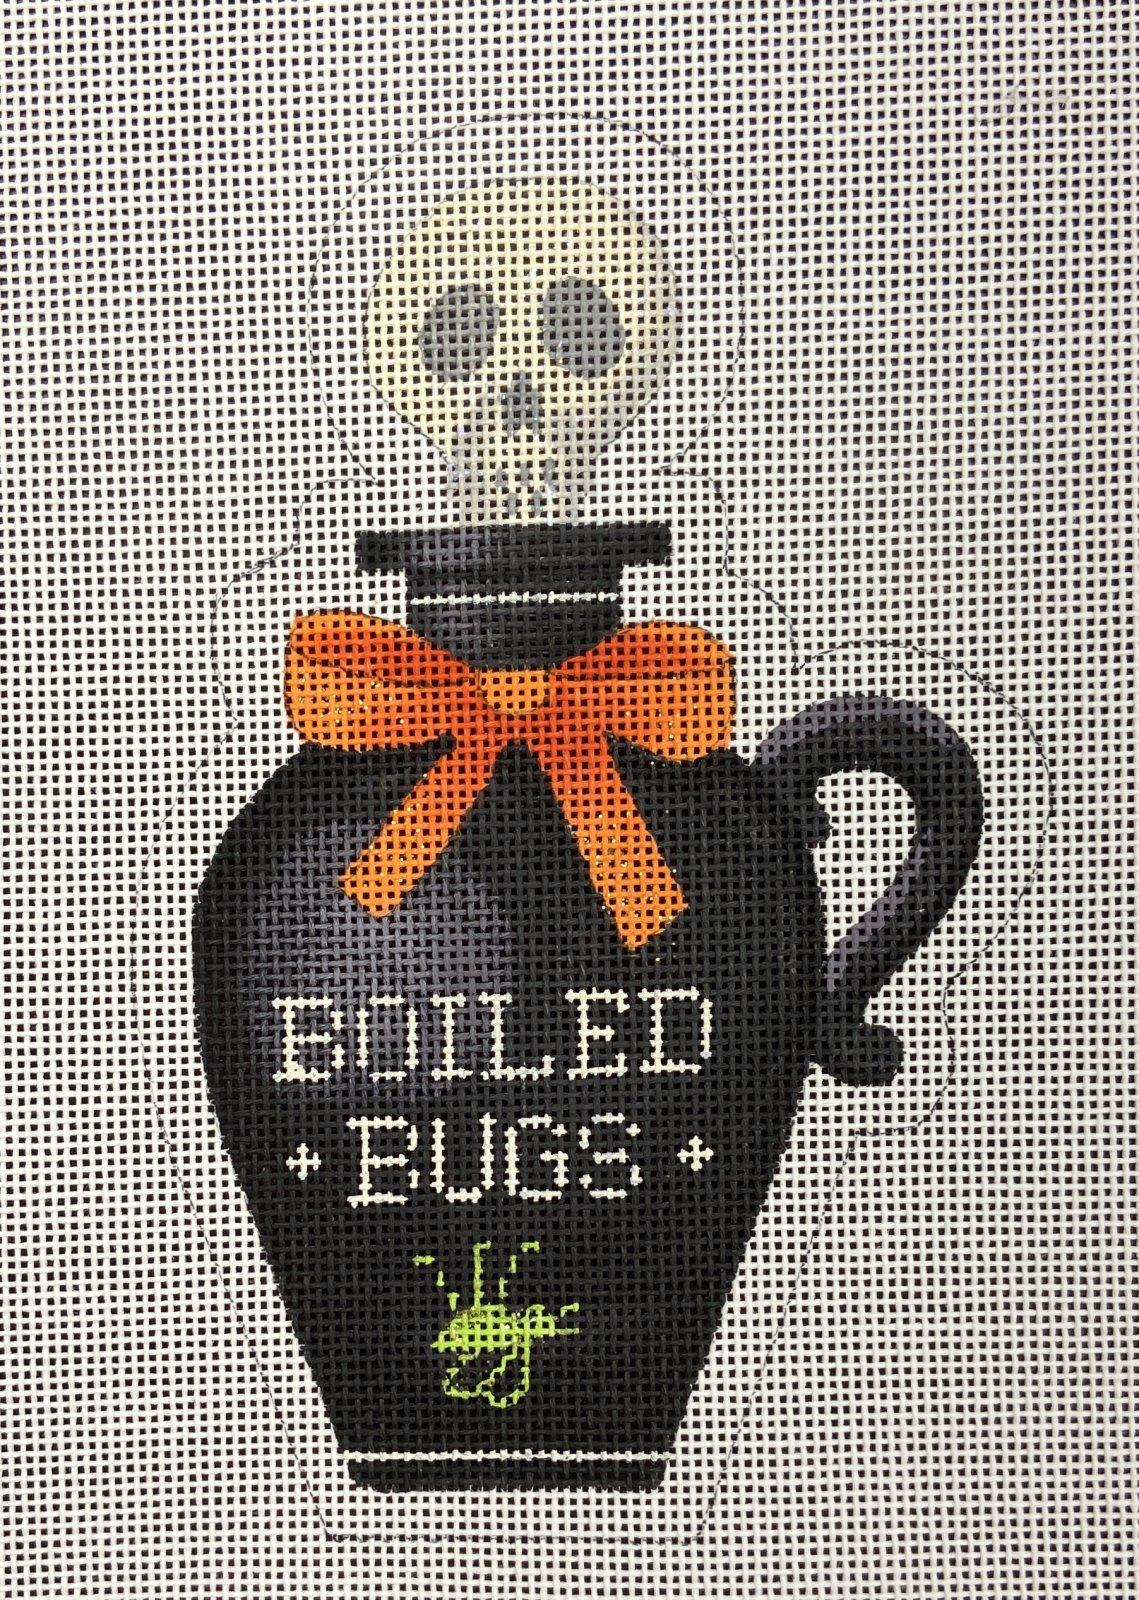 KB322 Boiled Bugs Halloween Jar Stand Up Kirk & Bradley